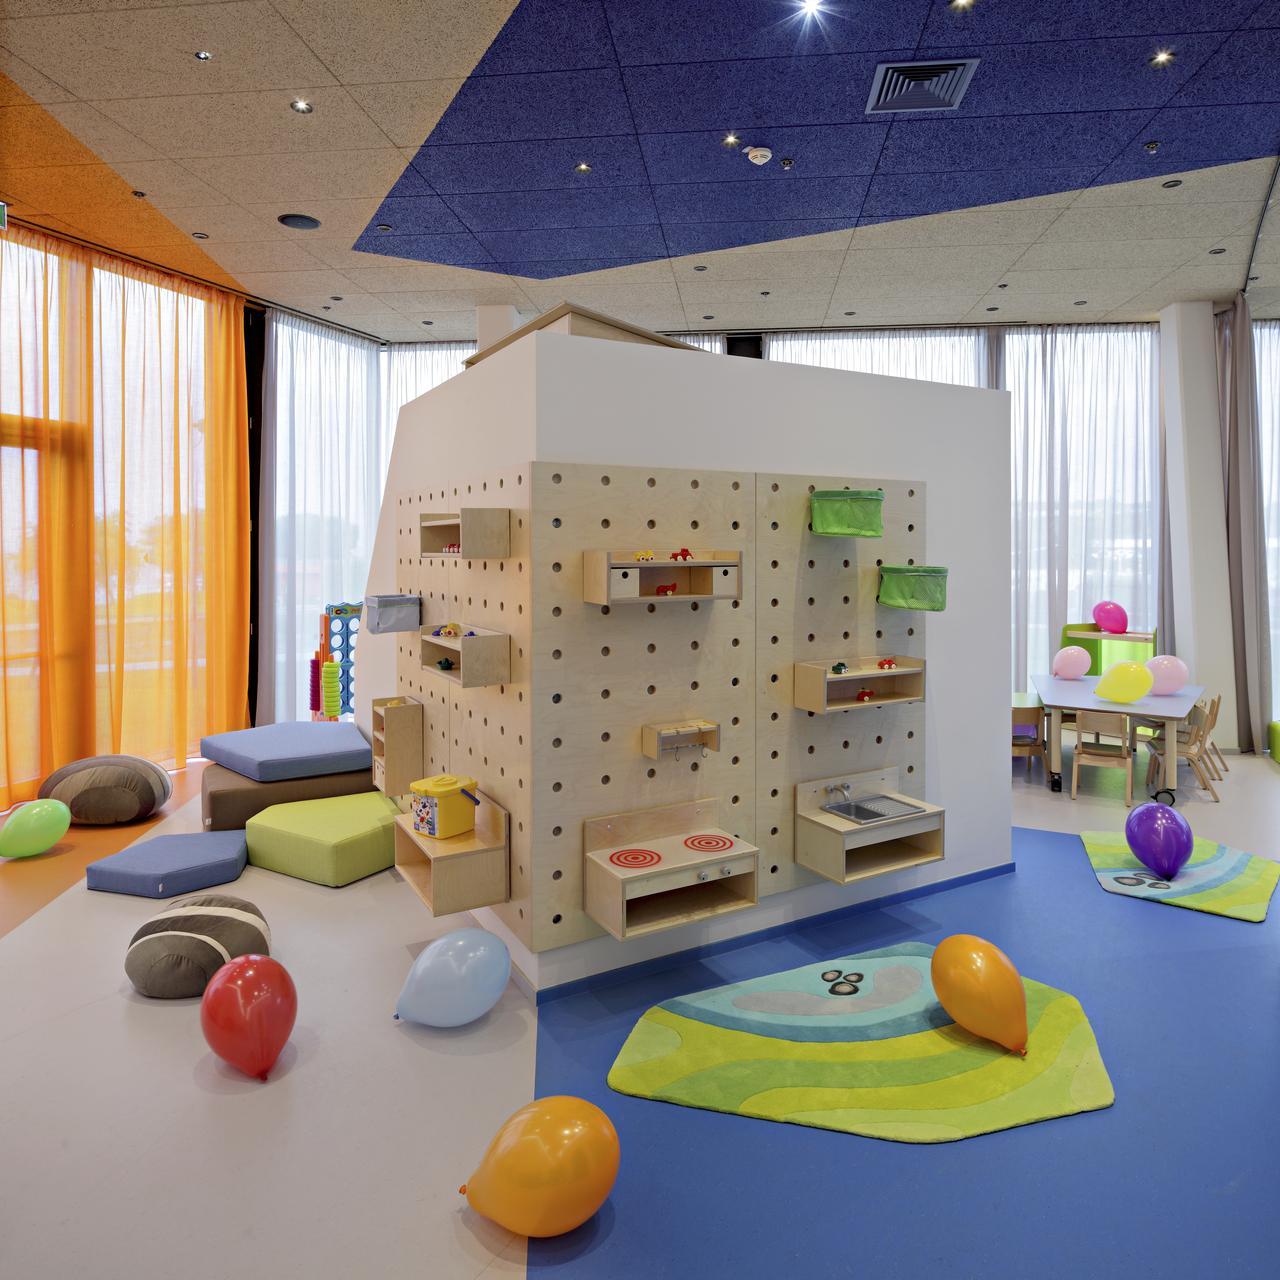 : фото #0030 Дизайн інтер'єру ігрової кімнати на мансарді 100+ фото